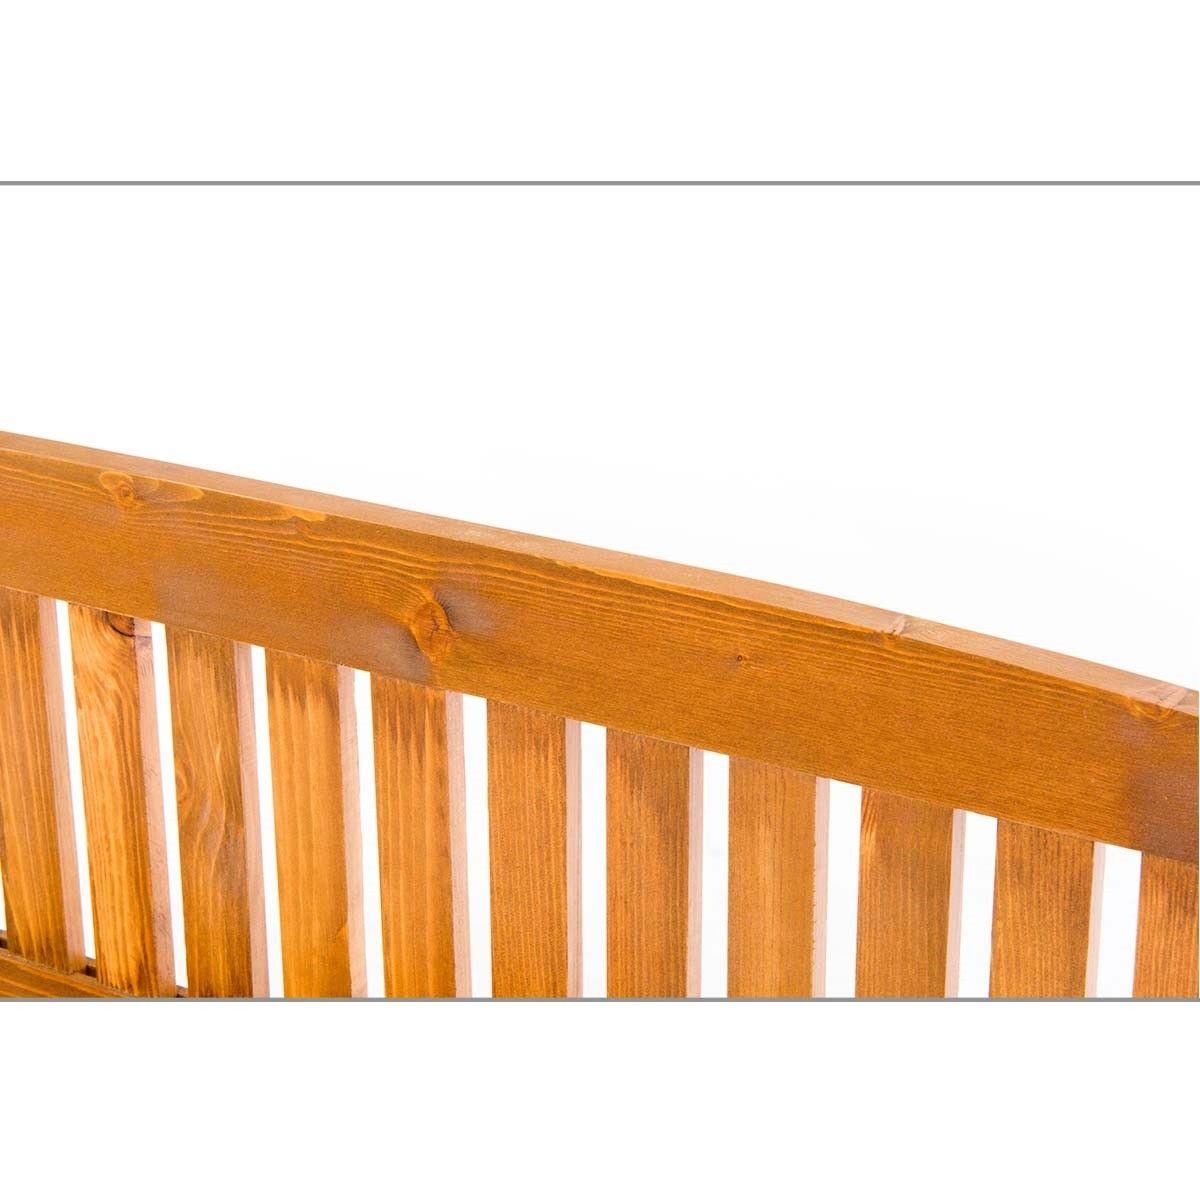 1.5M Wooden Storage Bench Garden Chest | Buy Outdoor ...